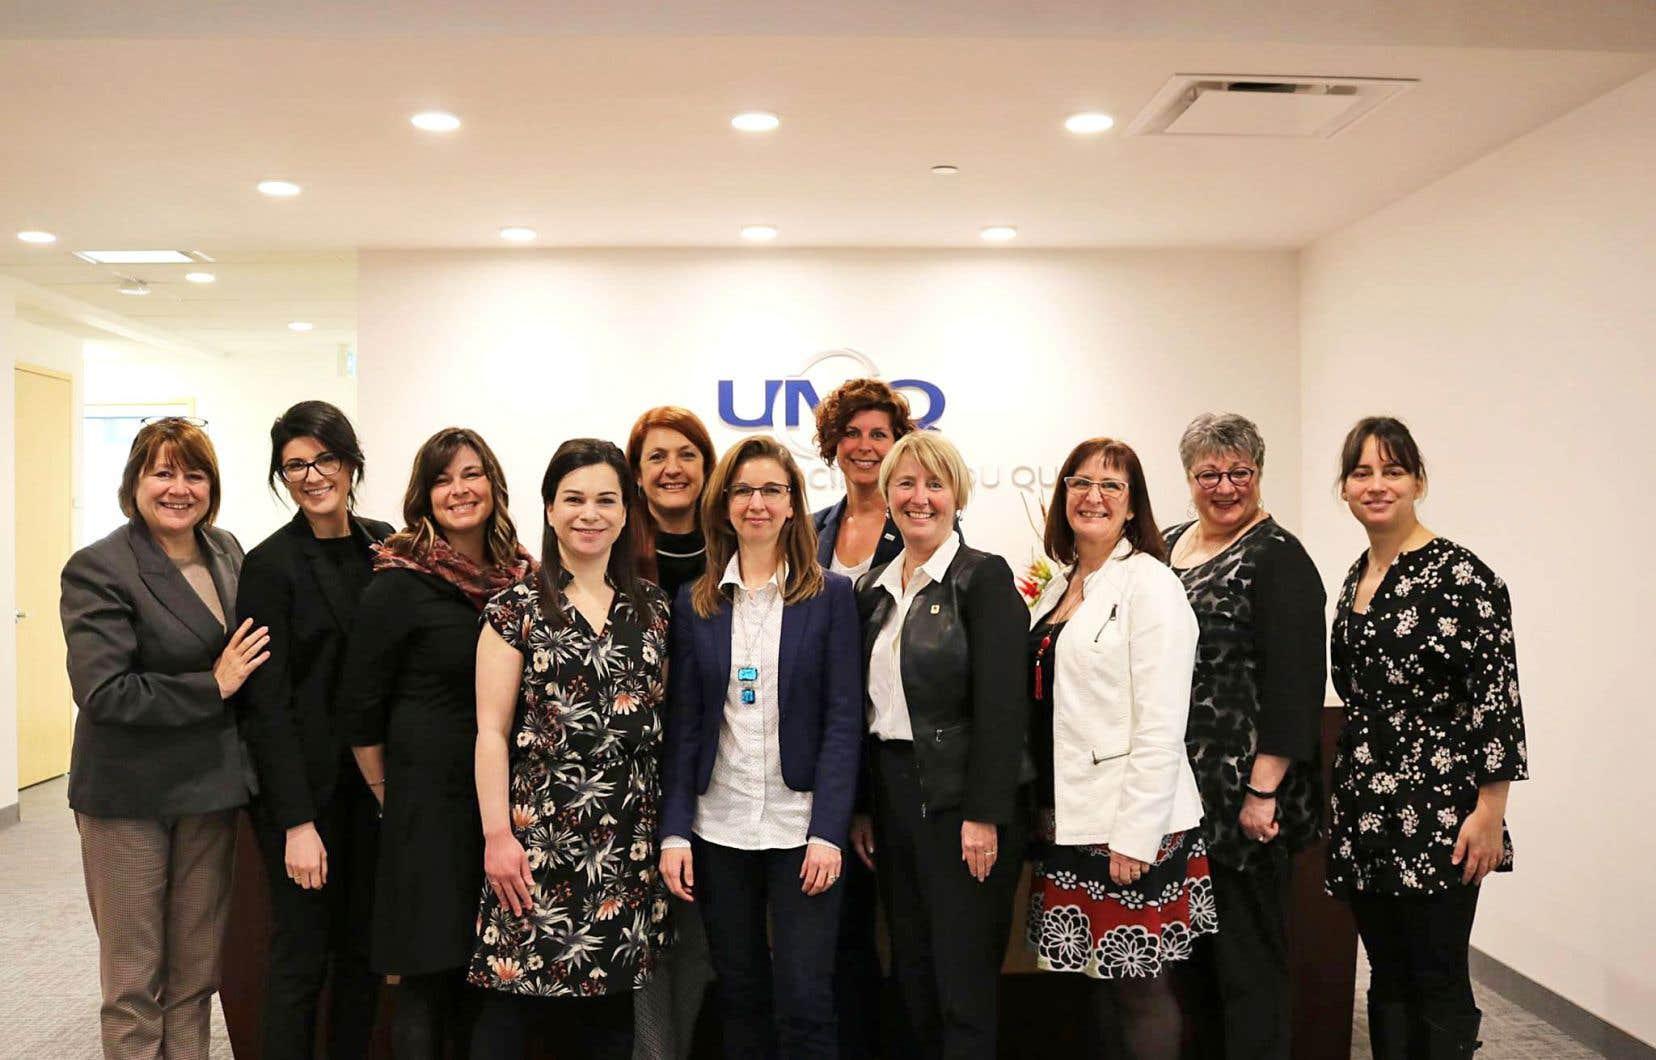 En septembre dernier, la Commission Femmes et gouvernance a succédé au Comité Femmes et gouvernance locale de l'UMQ. Plus qu'un changement de nom, il s'agit d'offrir un statut permanent et une reconnaissance à ce regroupement, dont le mandat est d'accroître le nombre de candidates et d'élues, mais aussi de leur apporter un soutien approprié.